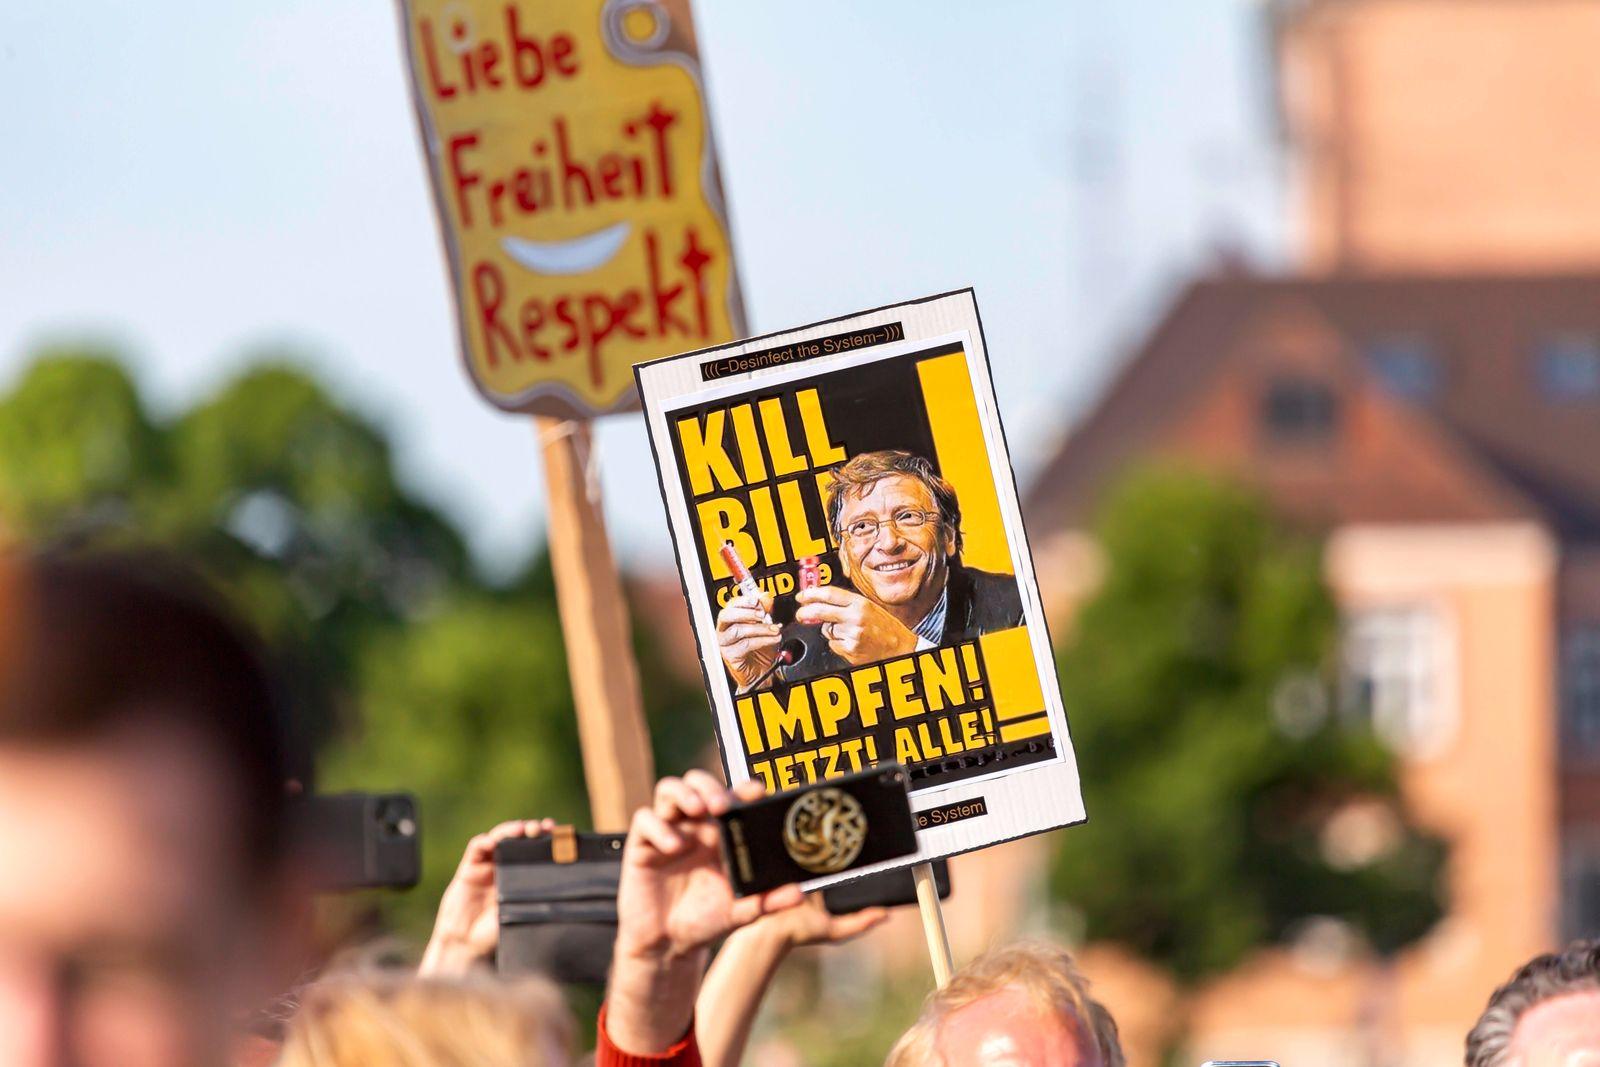 Deutschland, Baden-Württemberg, Stuttgart, 09.05.2020: 7. Mahnwache für das Grundgesetz. Mehrere Tausend Menschen demons